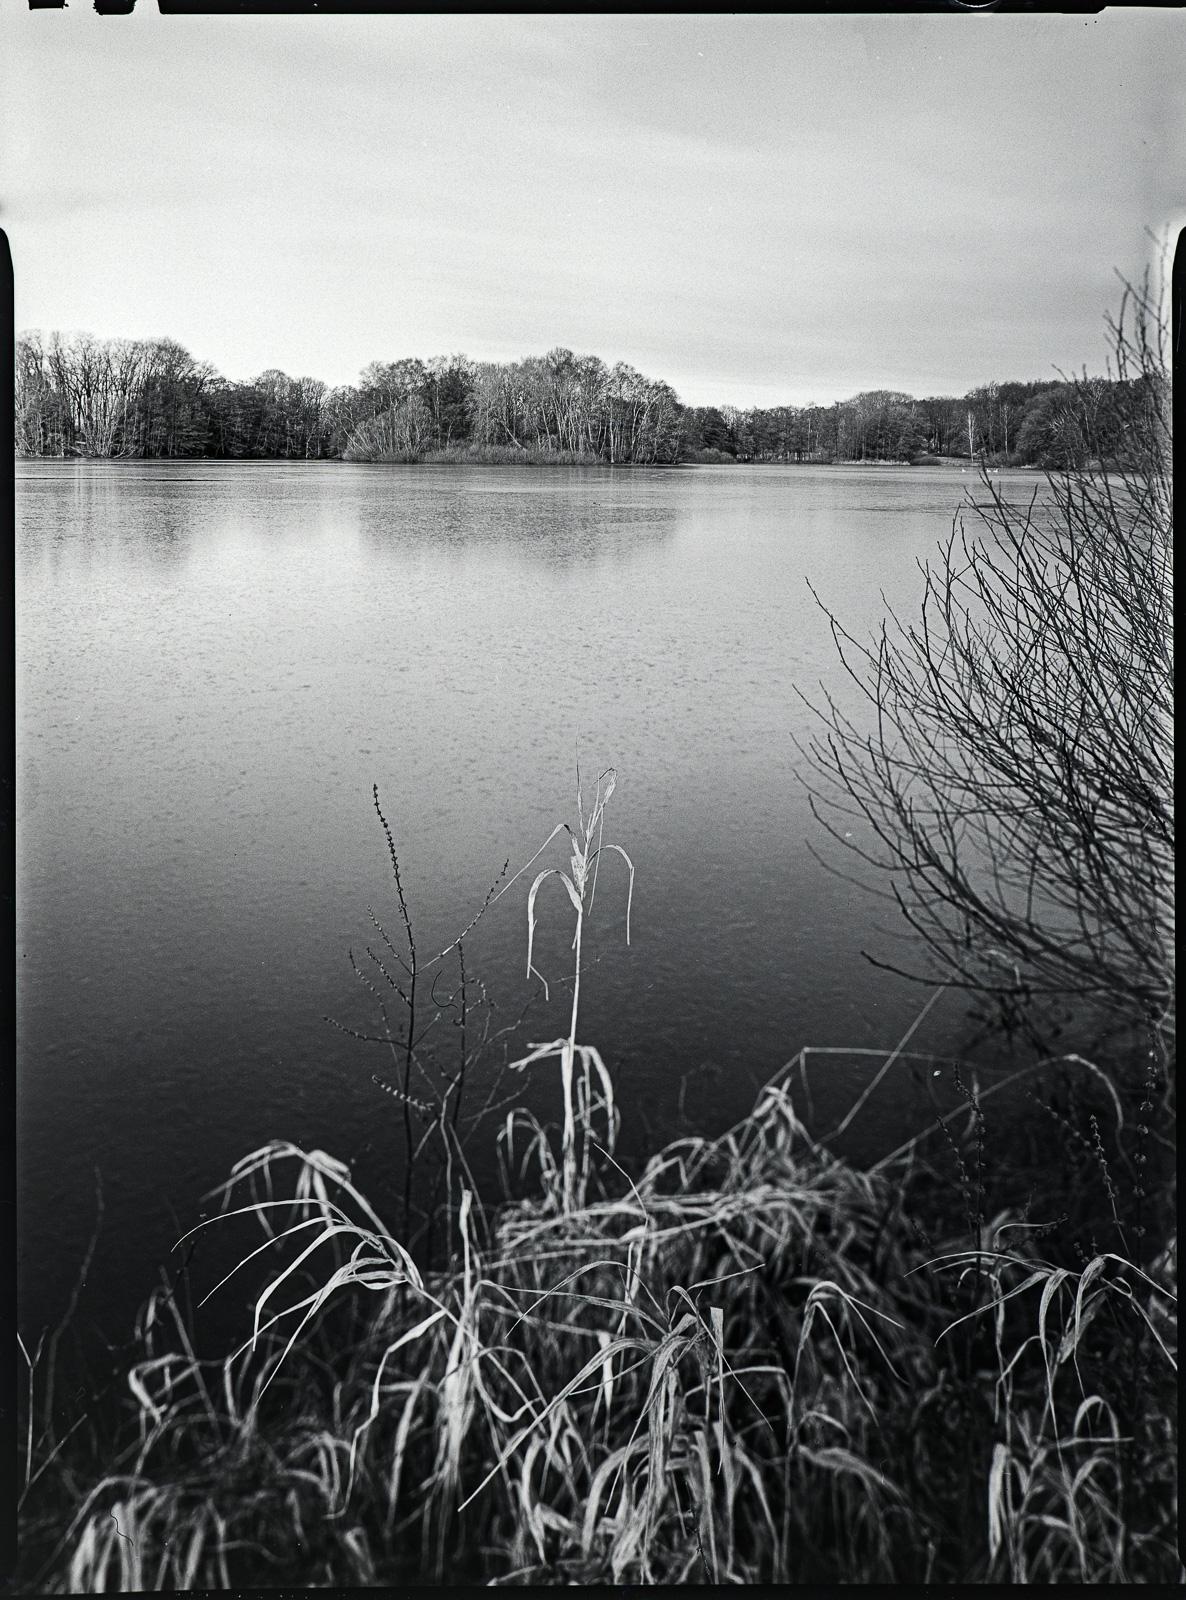 Hoisdorfer Teiche, Gräser im Vordergrund